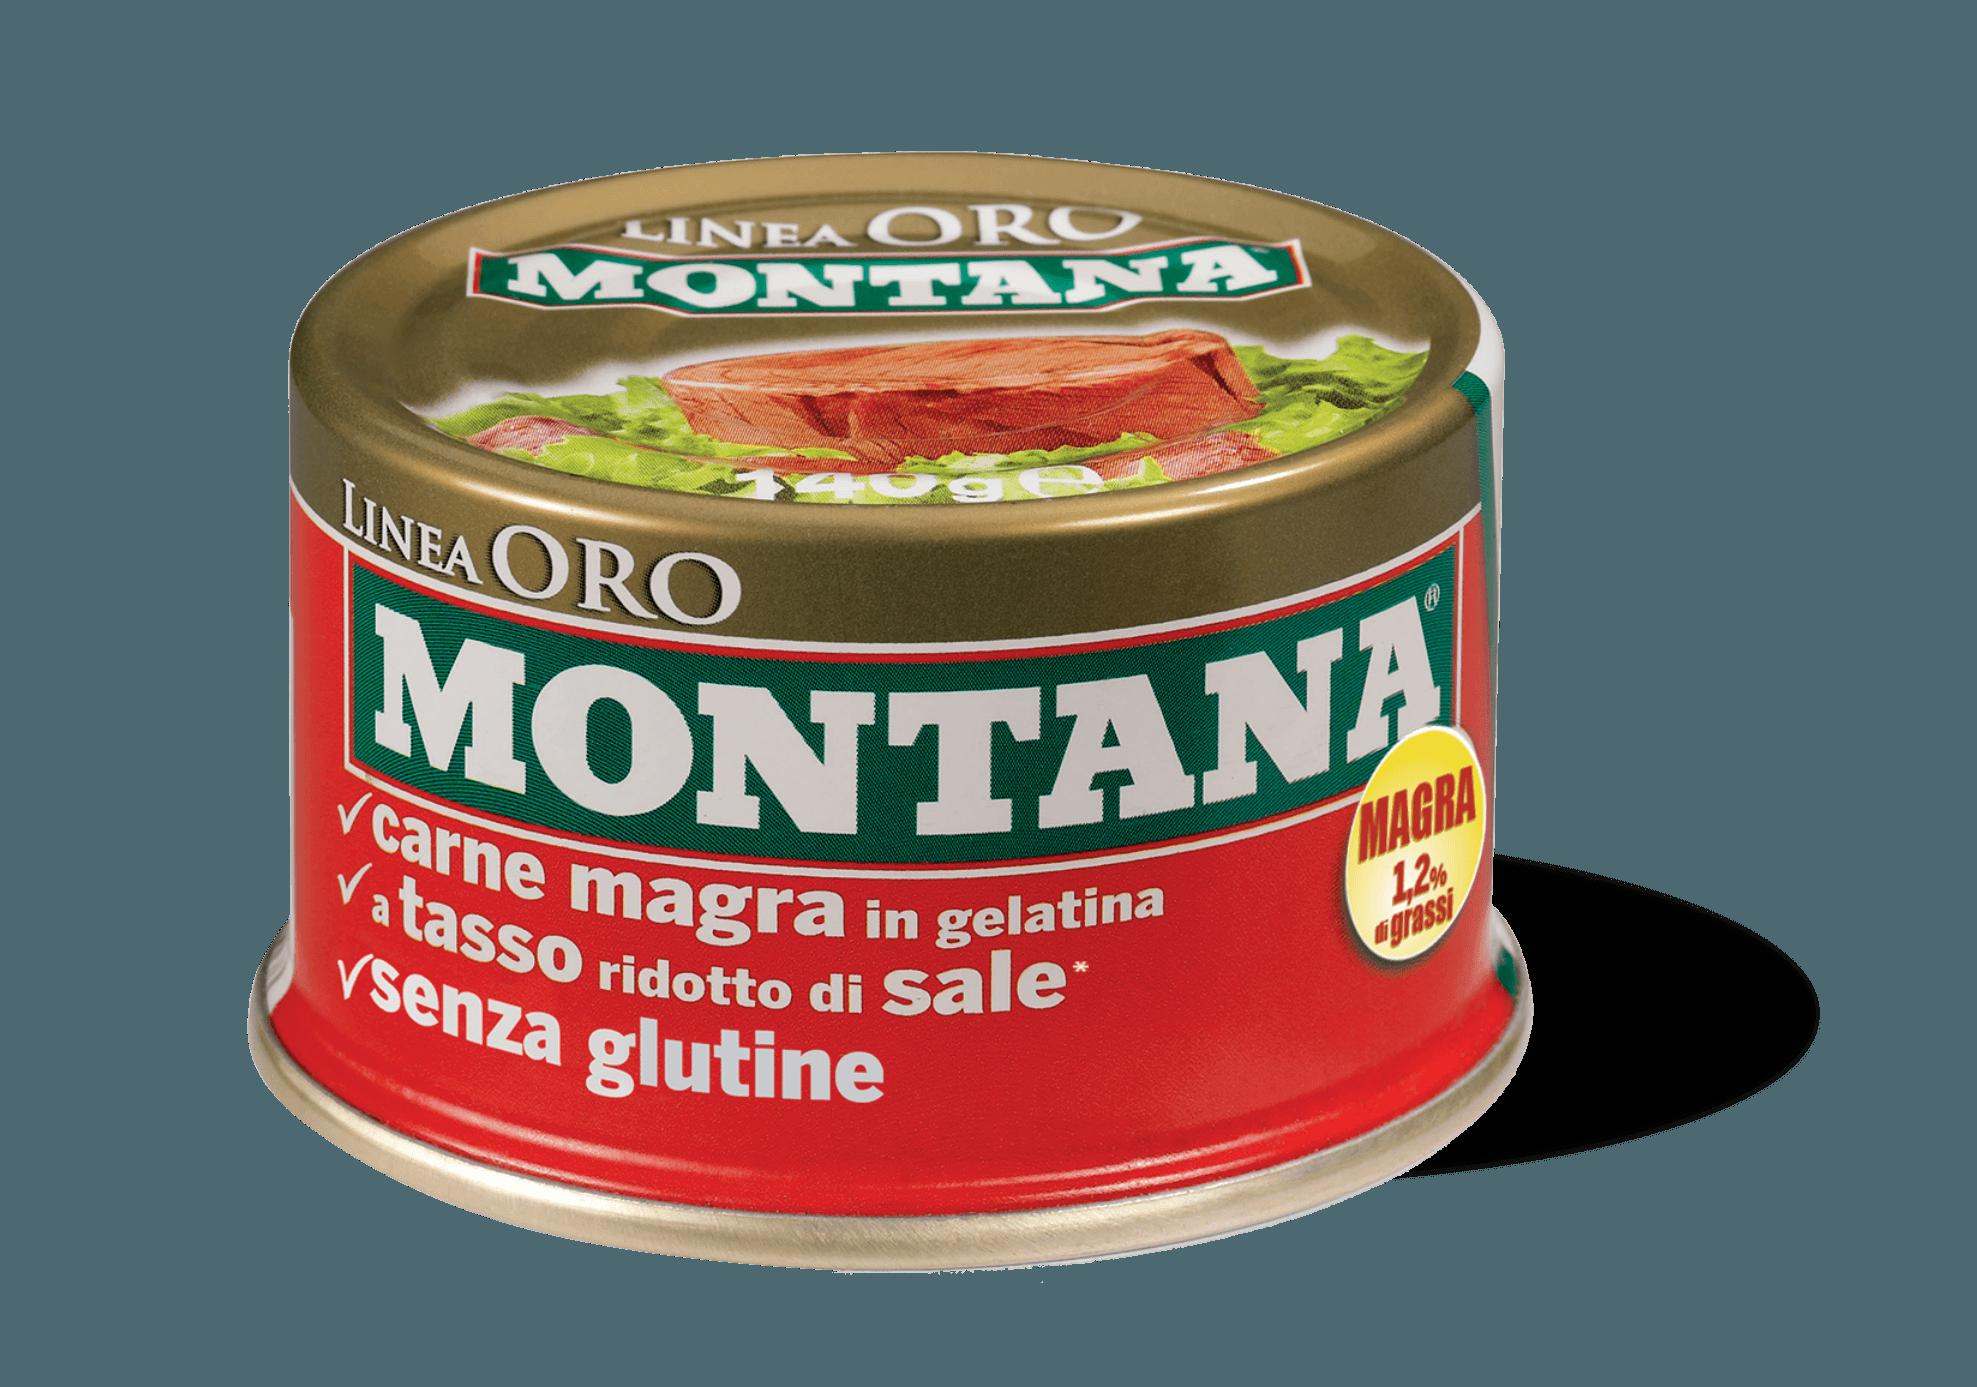 MONTANA-ORO-140g